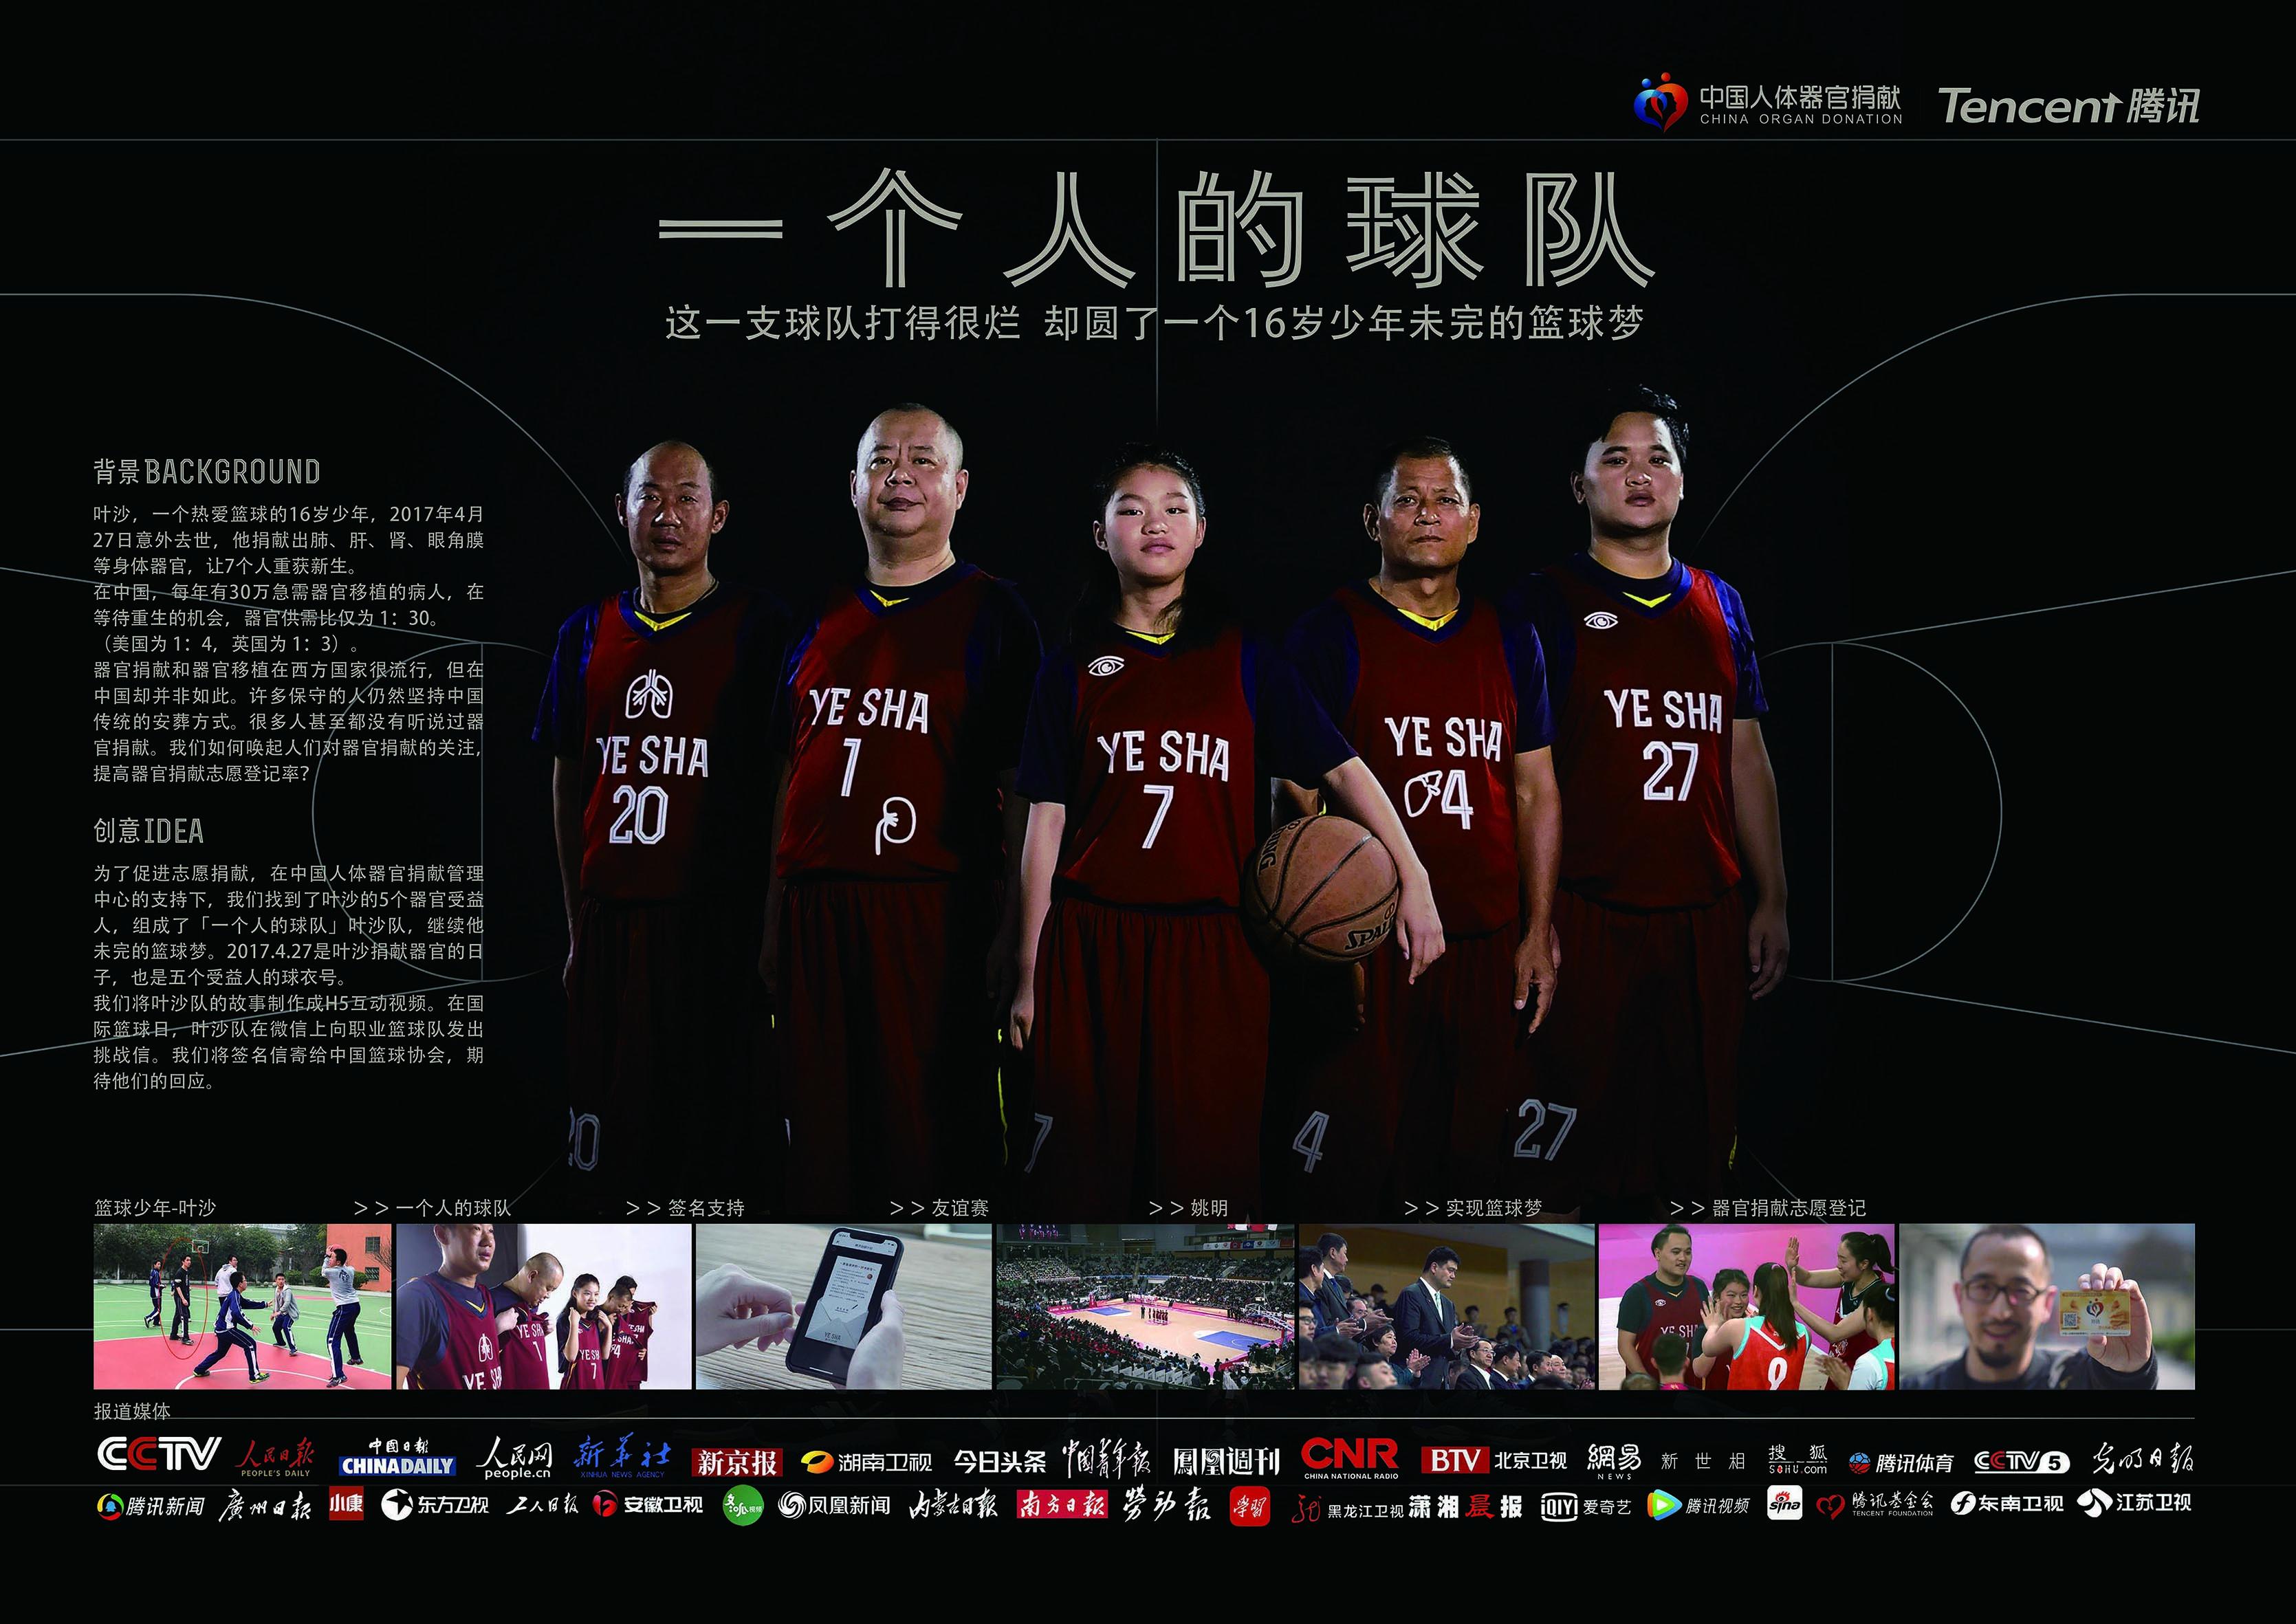 2019_cn_2019_e191-gr-164673357_hero_1